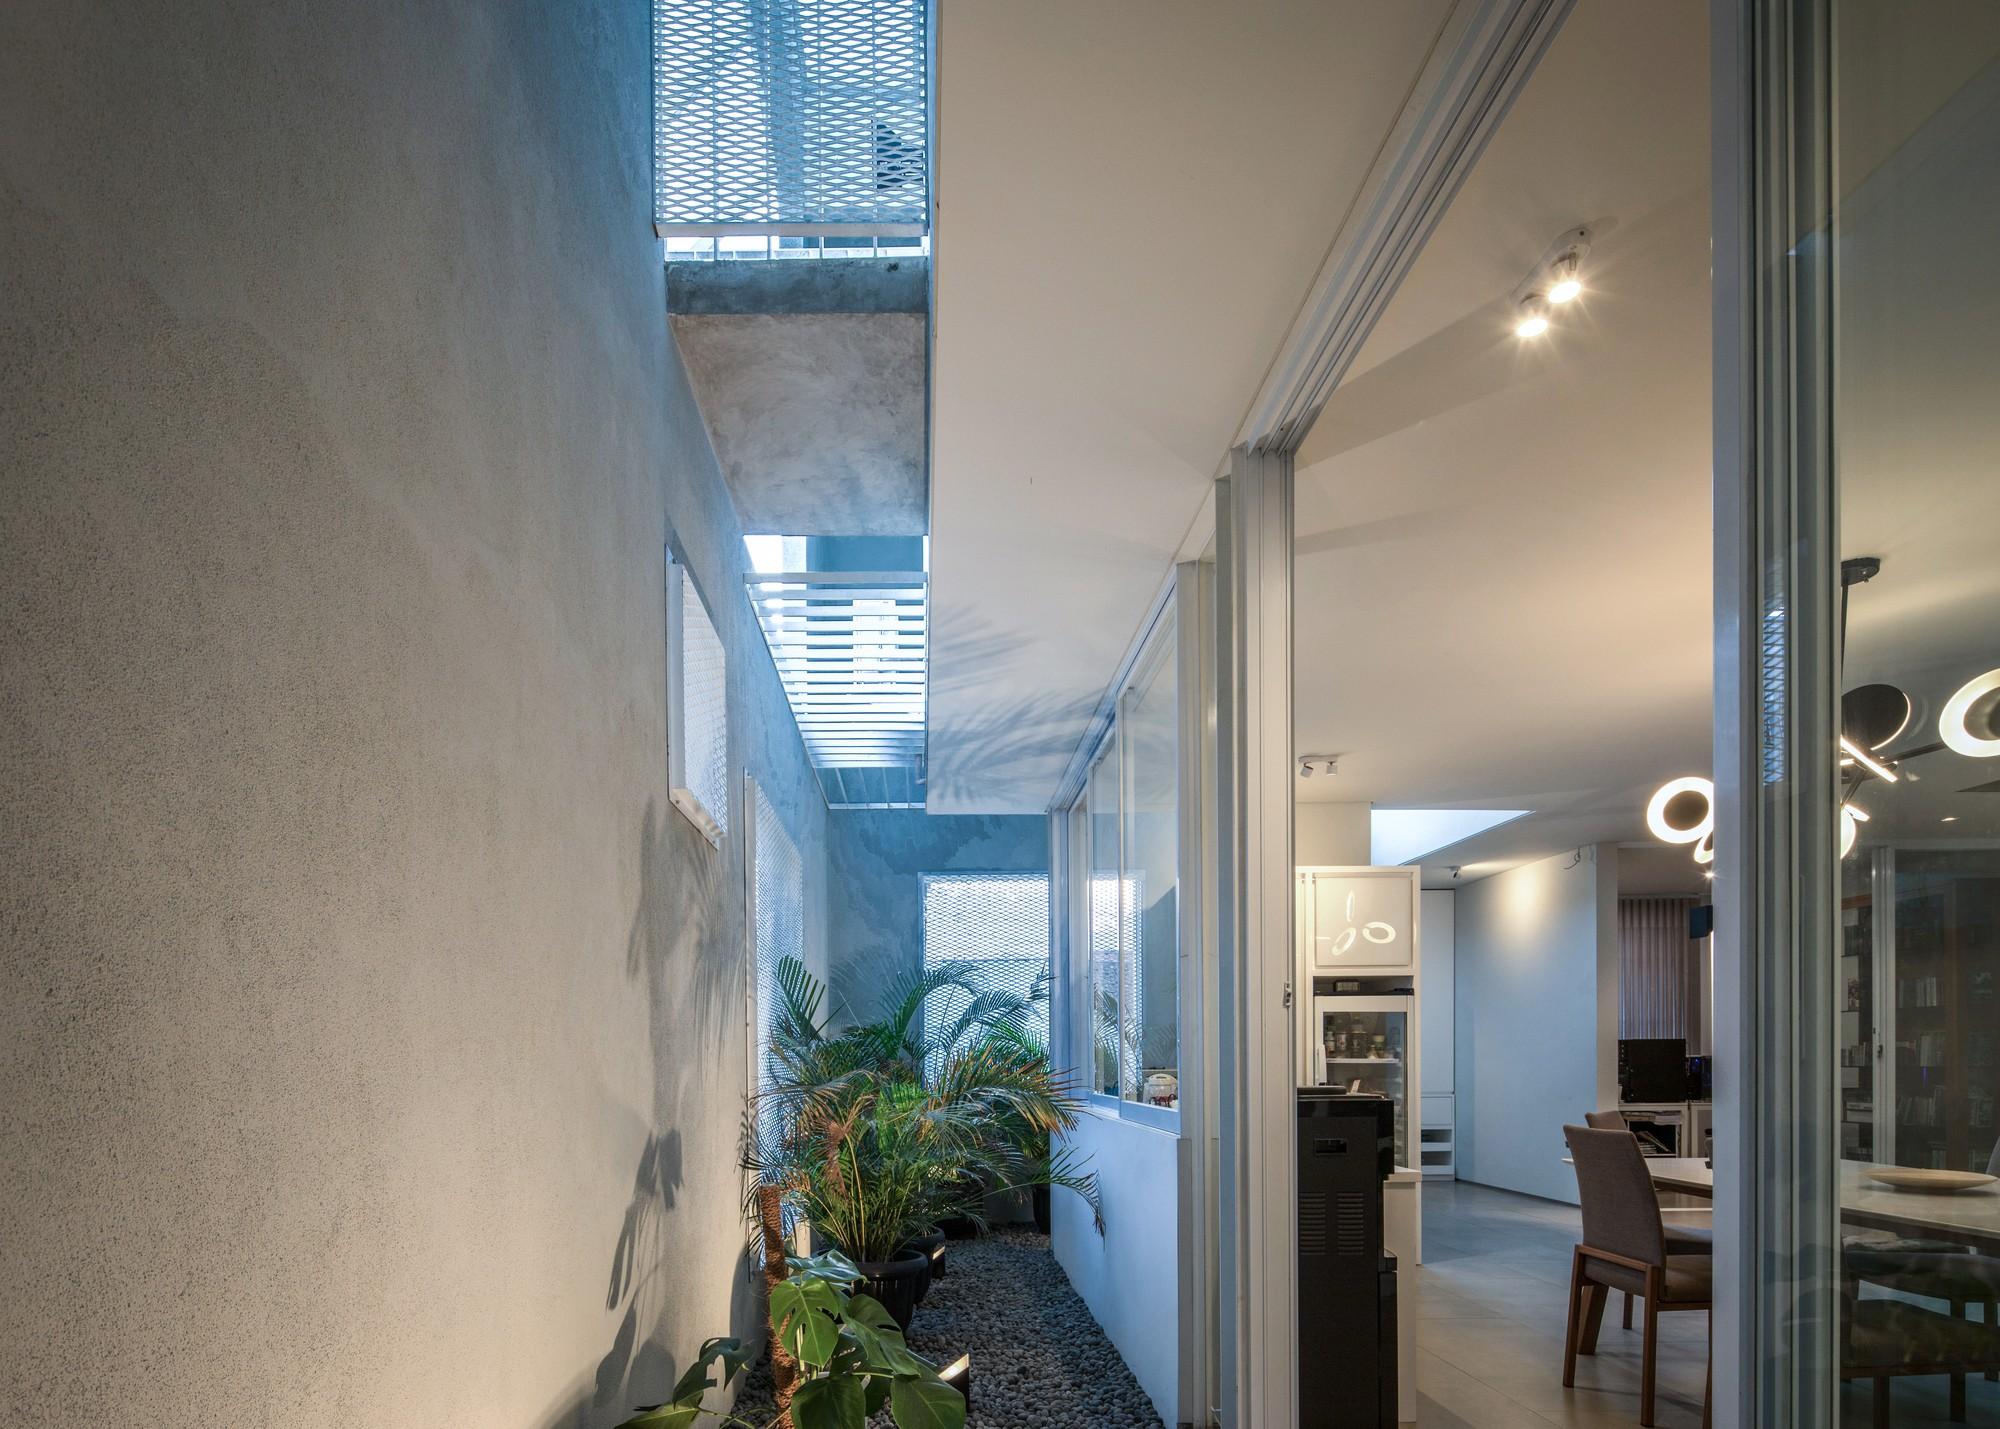 «Кубический Дом» с открытыми внутренними пространствами и роскошным атриумом